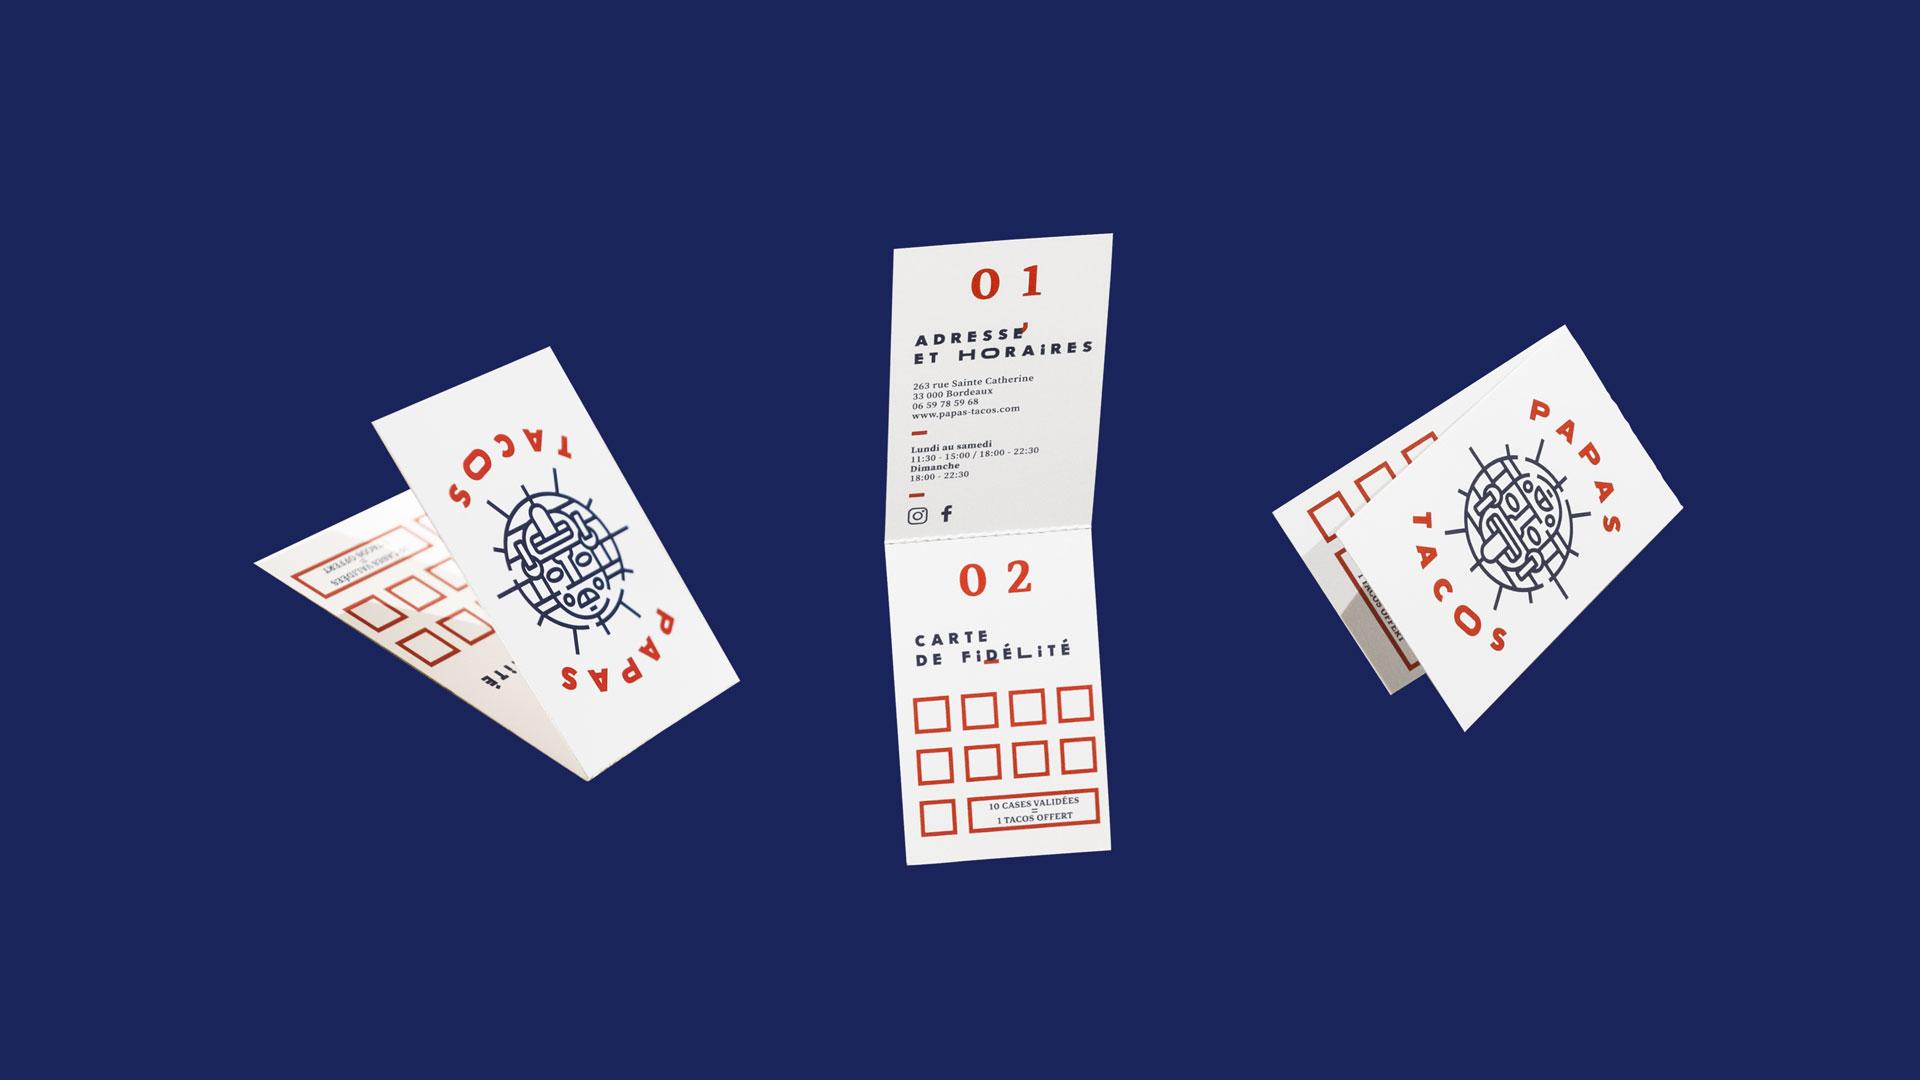 Papas Tacos - restaurant - Bordeau - identity - visit card - fidelity card - pliable - detachable